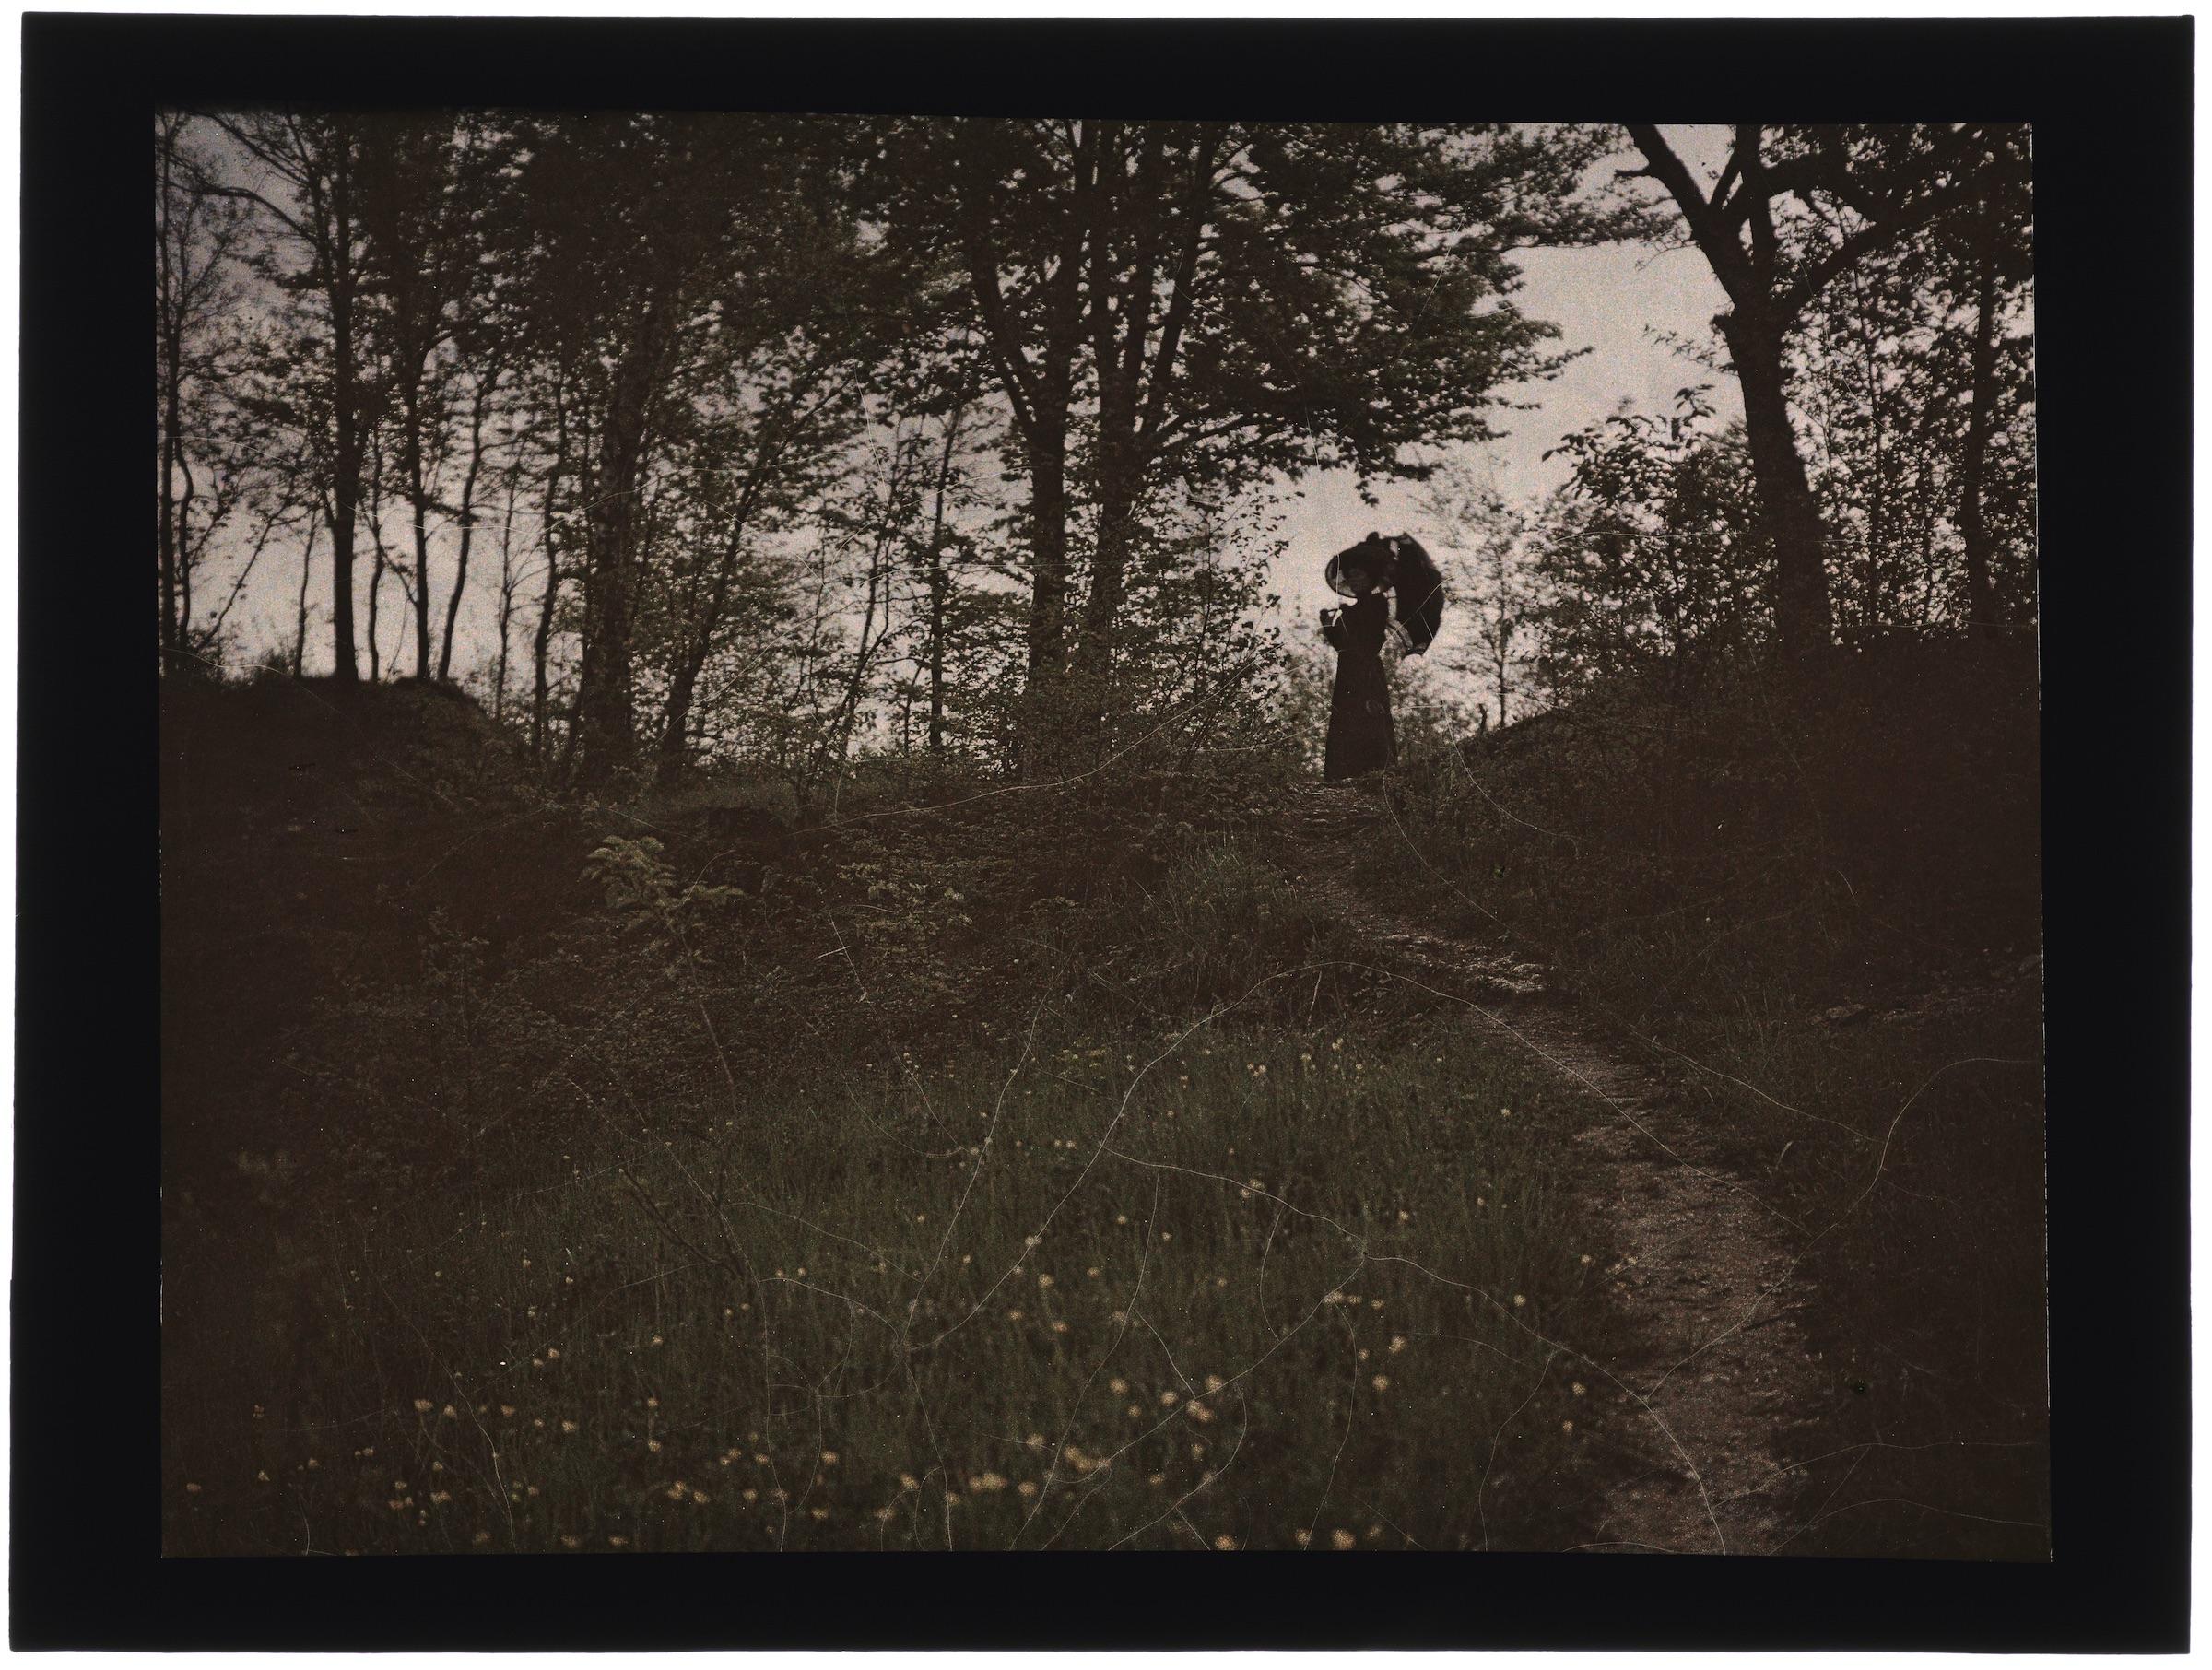 Femme(s) dans la forêt (avec de hautes buttes de terre) ou la campagne